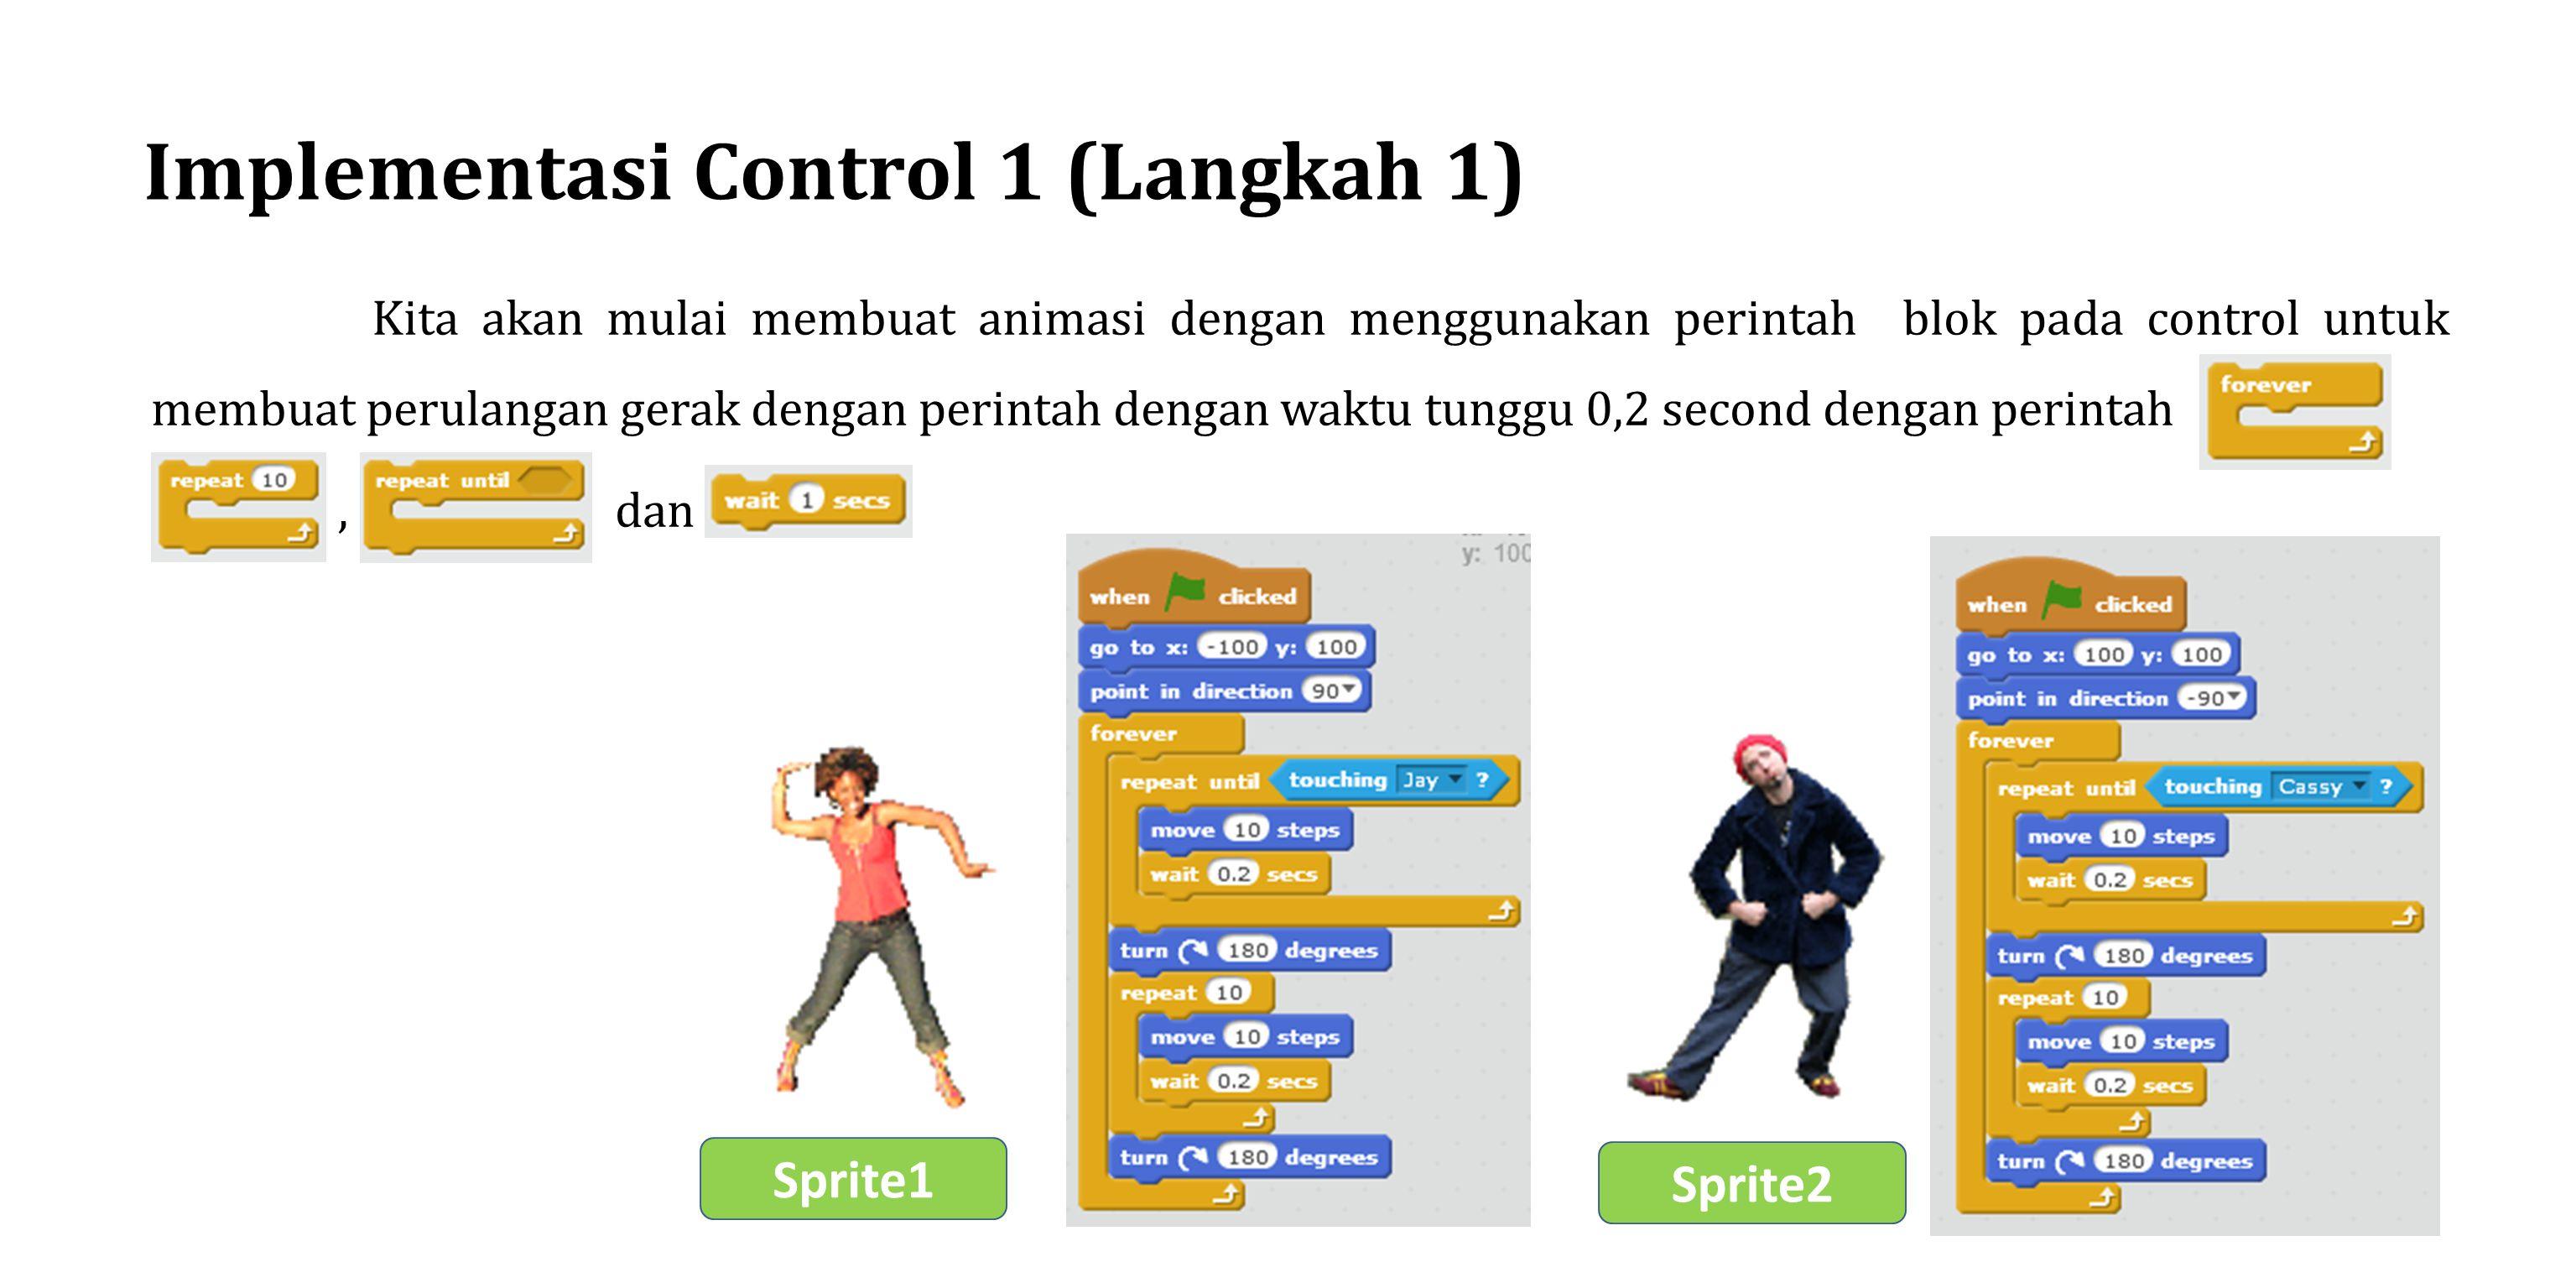 Hasil Implementasi Control (1) Hasil dari hasil implemntasi langkah sebelumnya menghasilkan 3 gerakan perubahan Gerakkan 1 Gerakkan 2 Gerakkan 3